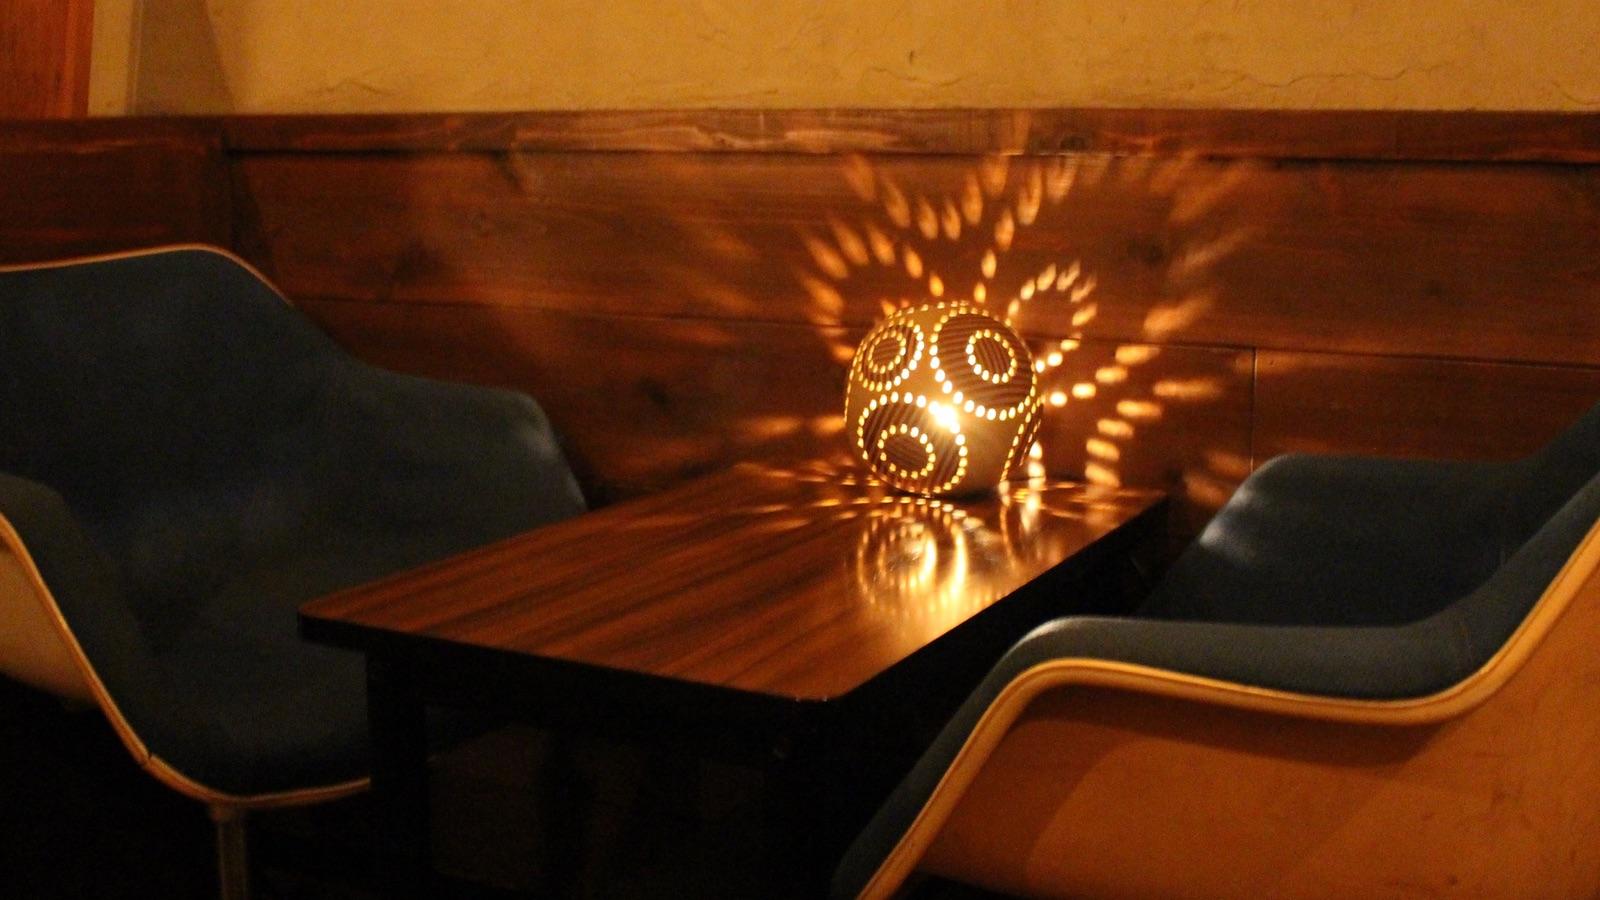 さつまダイニング5:5店内のテーブル席